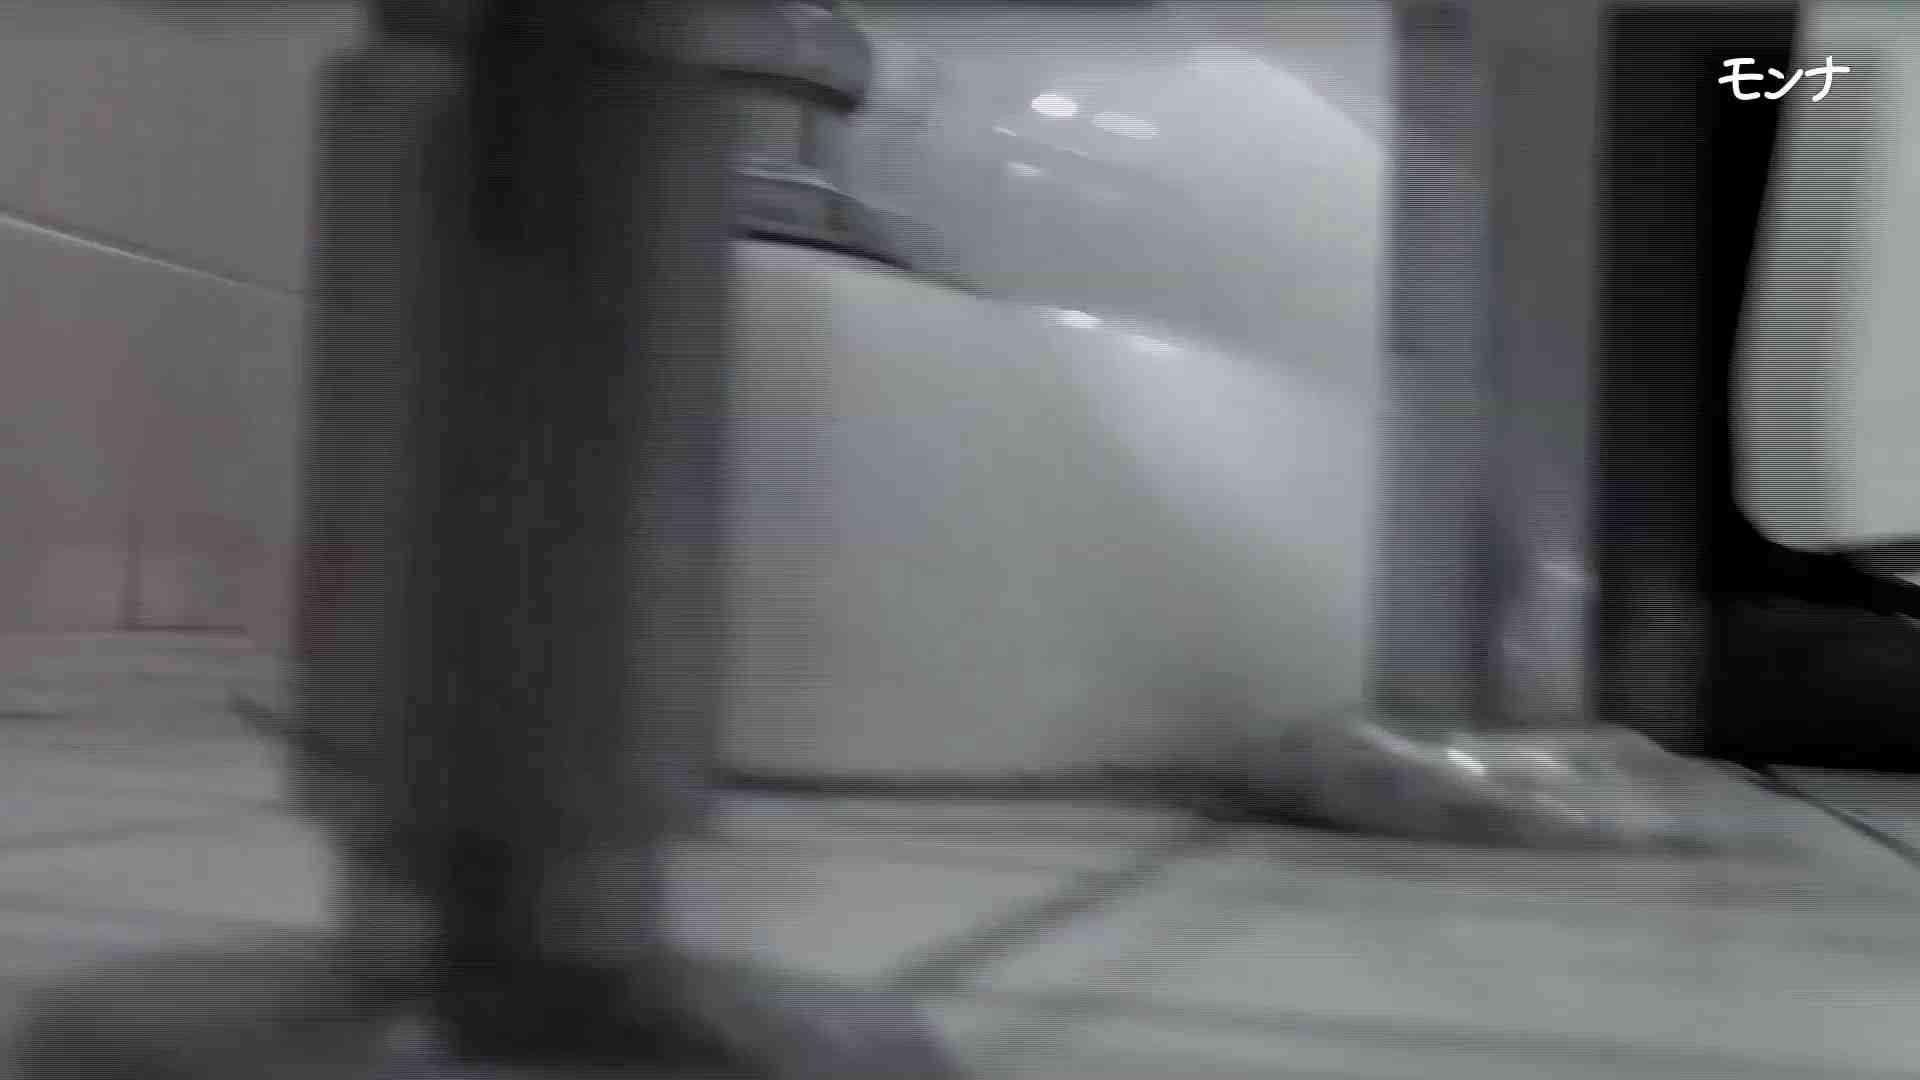 【32位 2016】美しい日本の未来 No.47 盗撮エロすぎ   おまんこ無修正  33連発 1